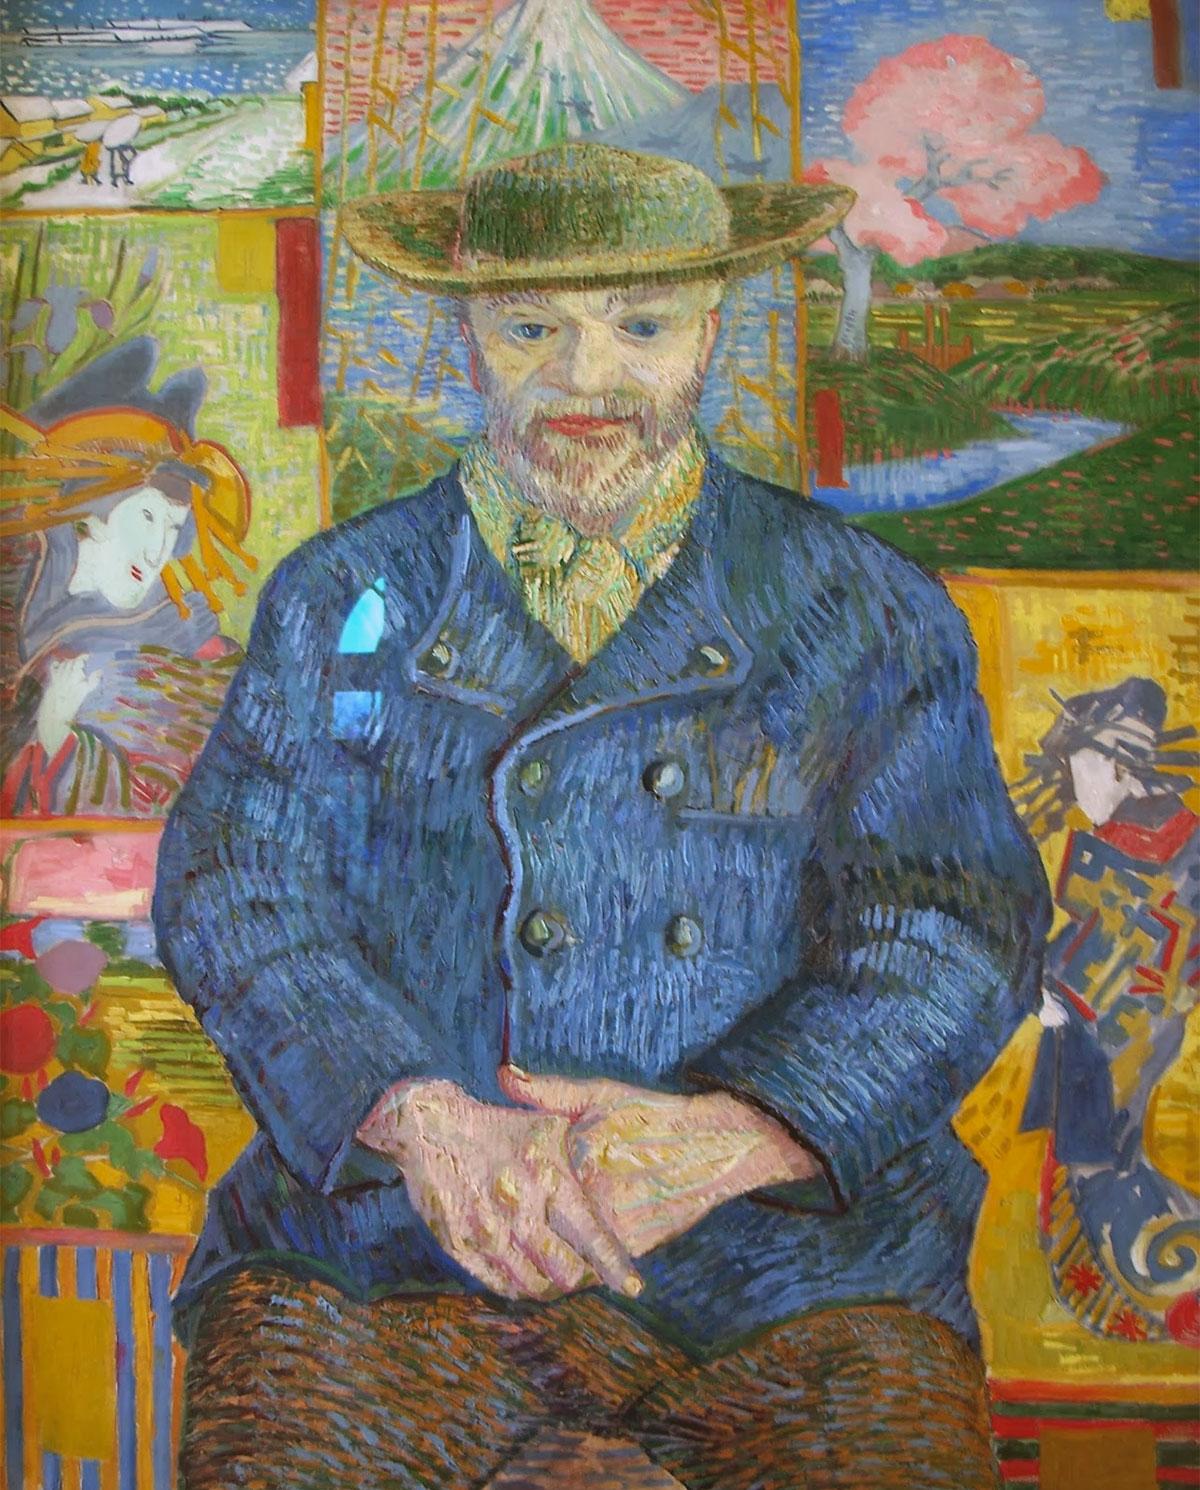 Ritratto di père Tanguy, dipinto di van Gogh